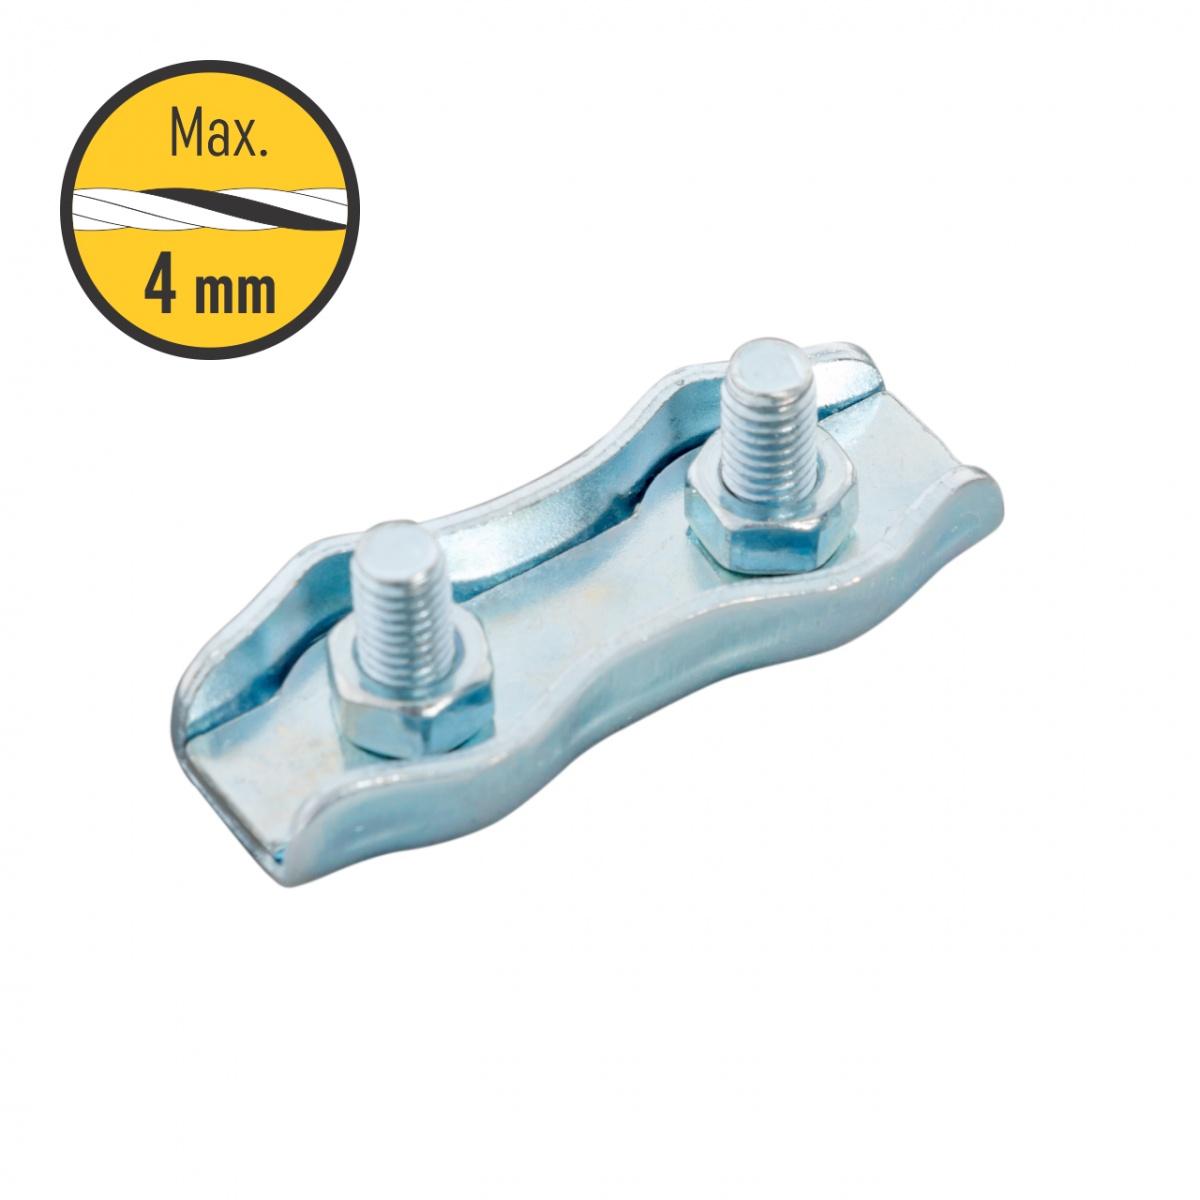 Csatlakozó szett, 2-4mm-es zsinórnak, 5 db.